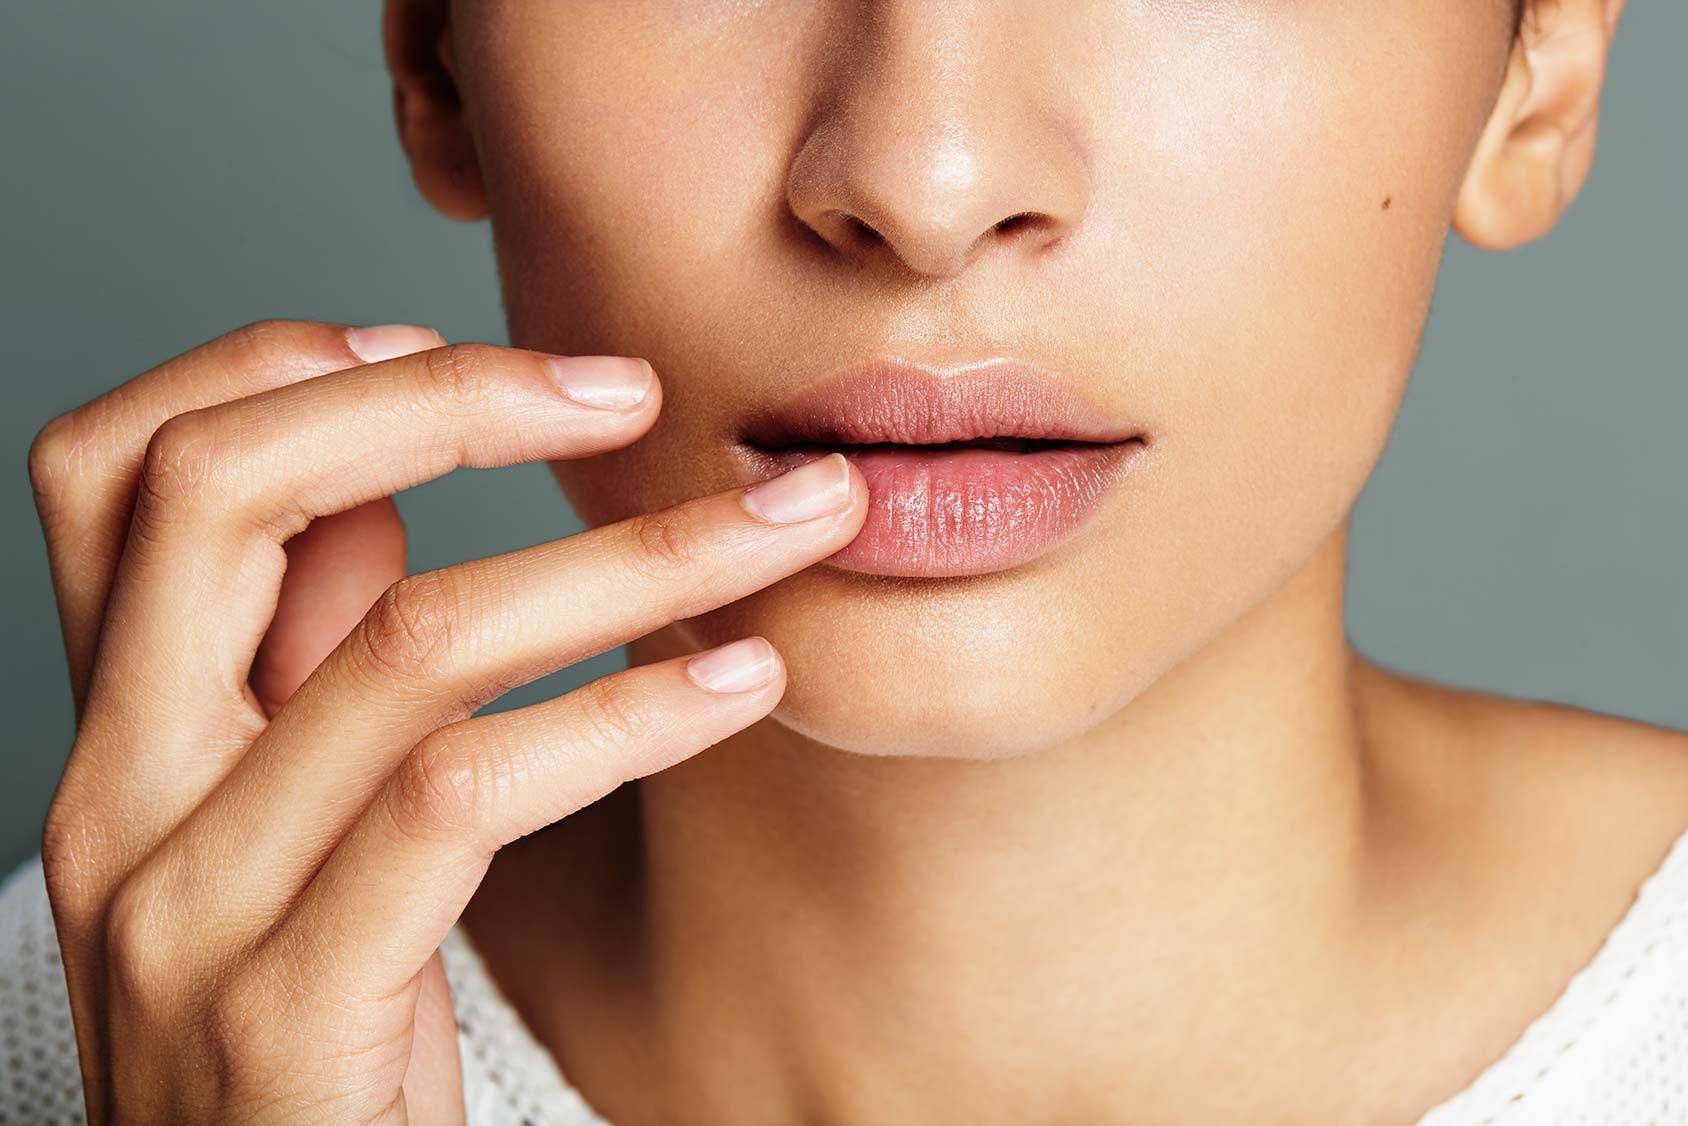 Σκασμένα χείλη και lip balm απολέπισης για προστασία από το κρύο